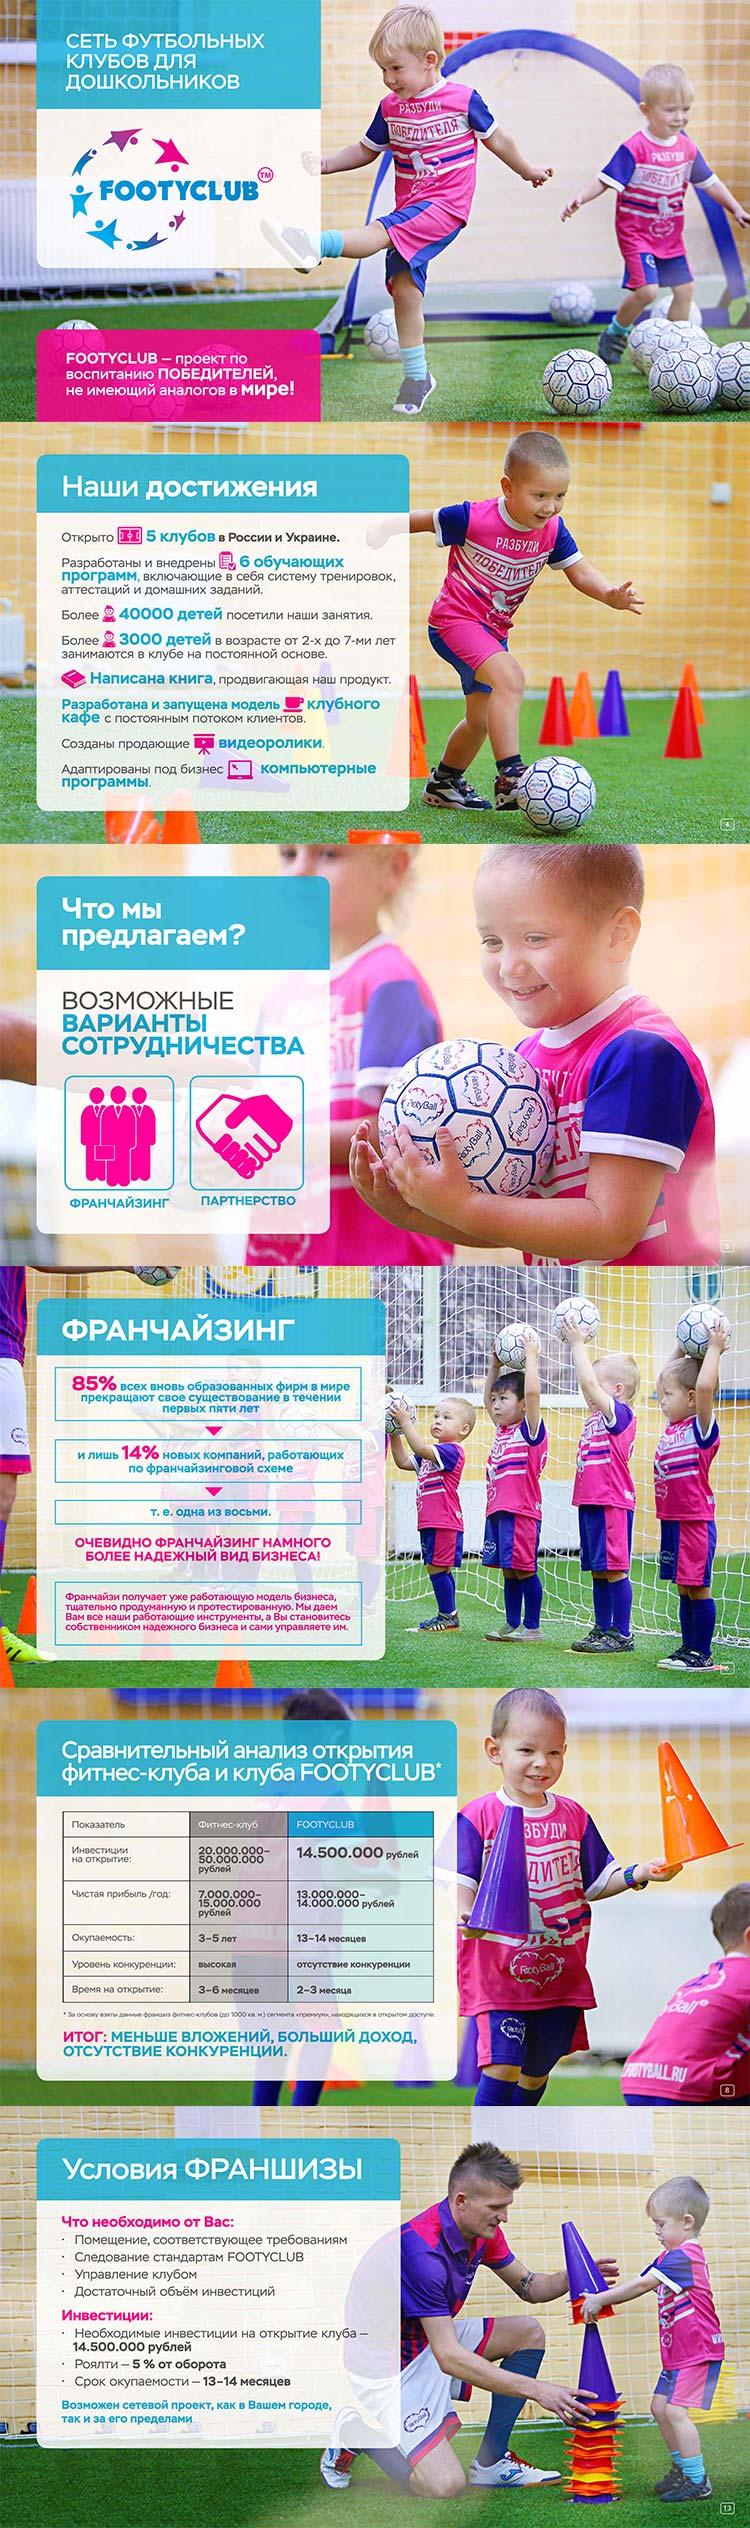 zakazat-Prezentacija-seti-sportivnyh-klubov-dlja-doshkolnikov